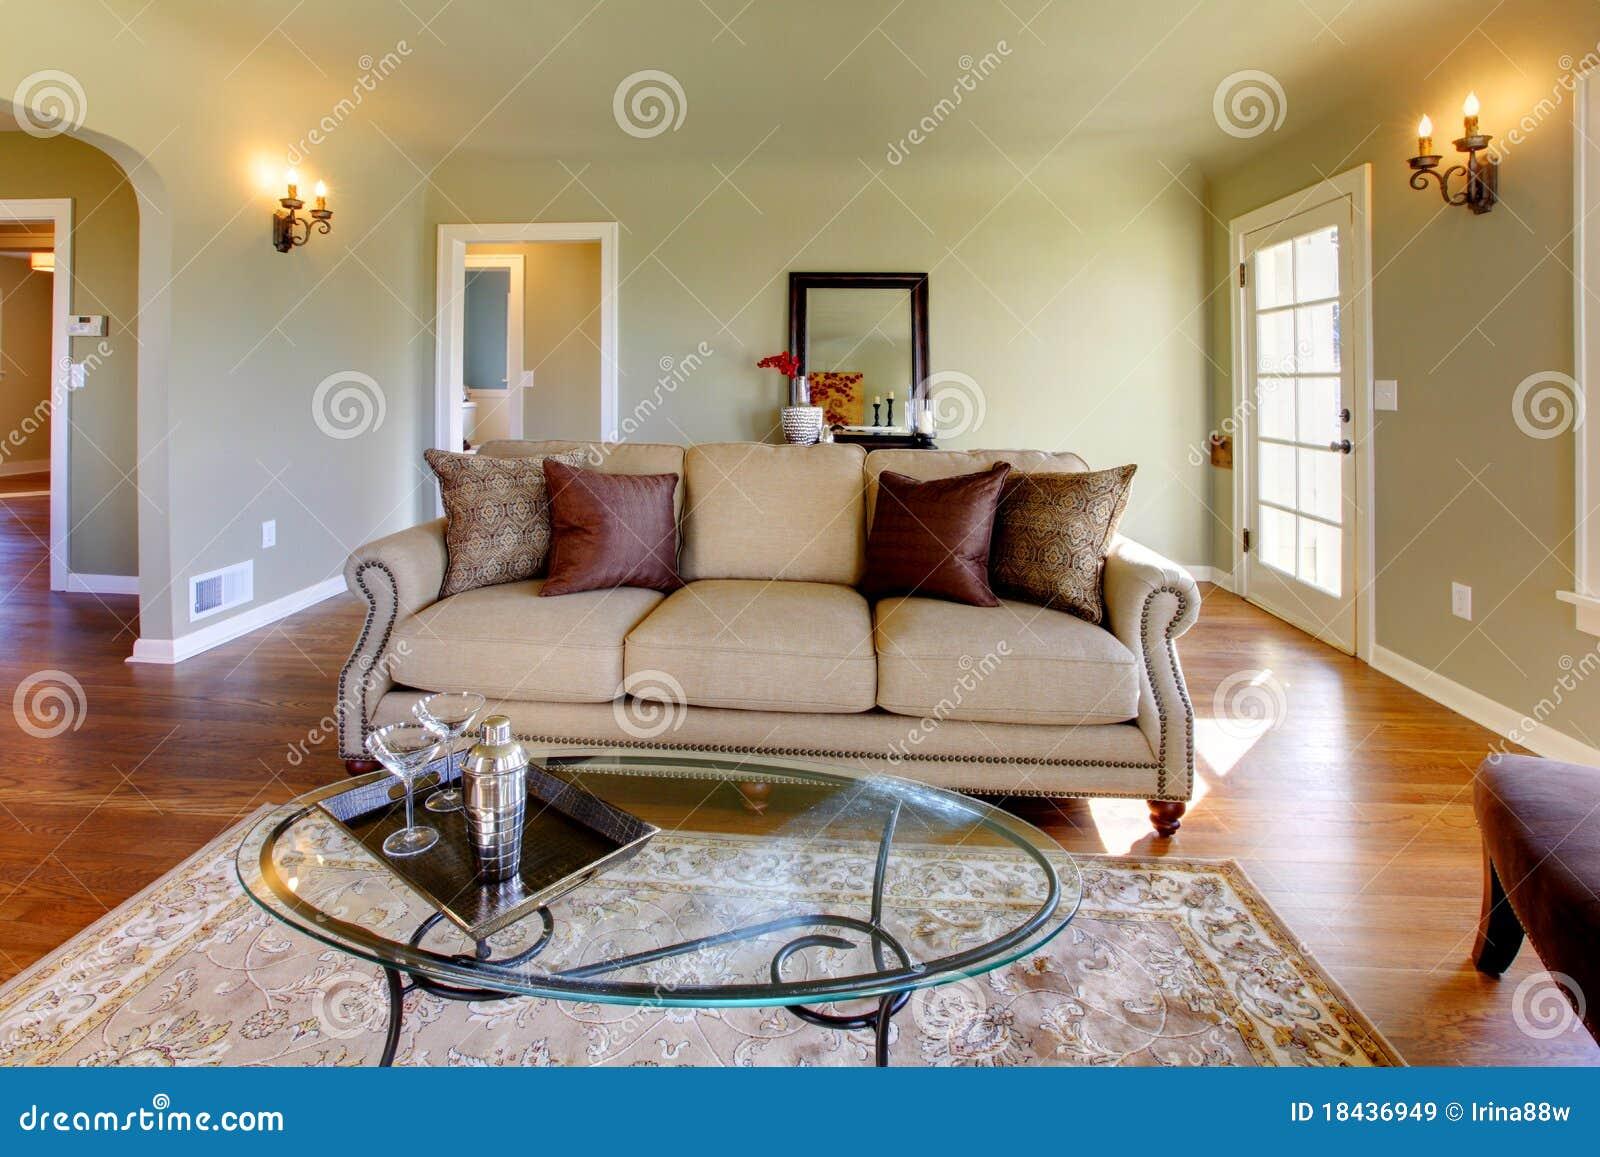 sch nes wohnzimmer mit m rchenkamin lizenzfreie. Black Bedroom Furniture Sets. Home Design Ideas